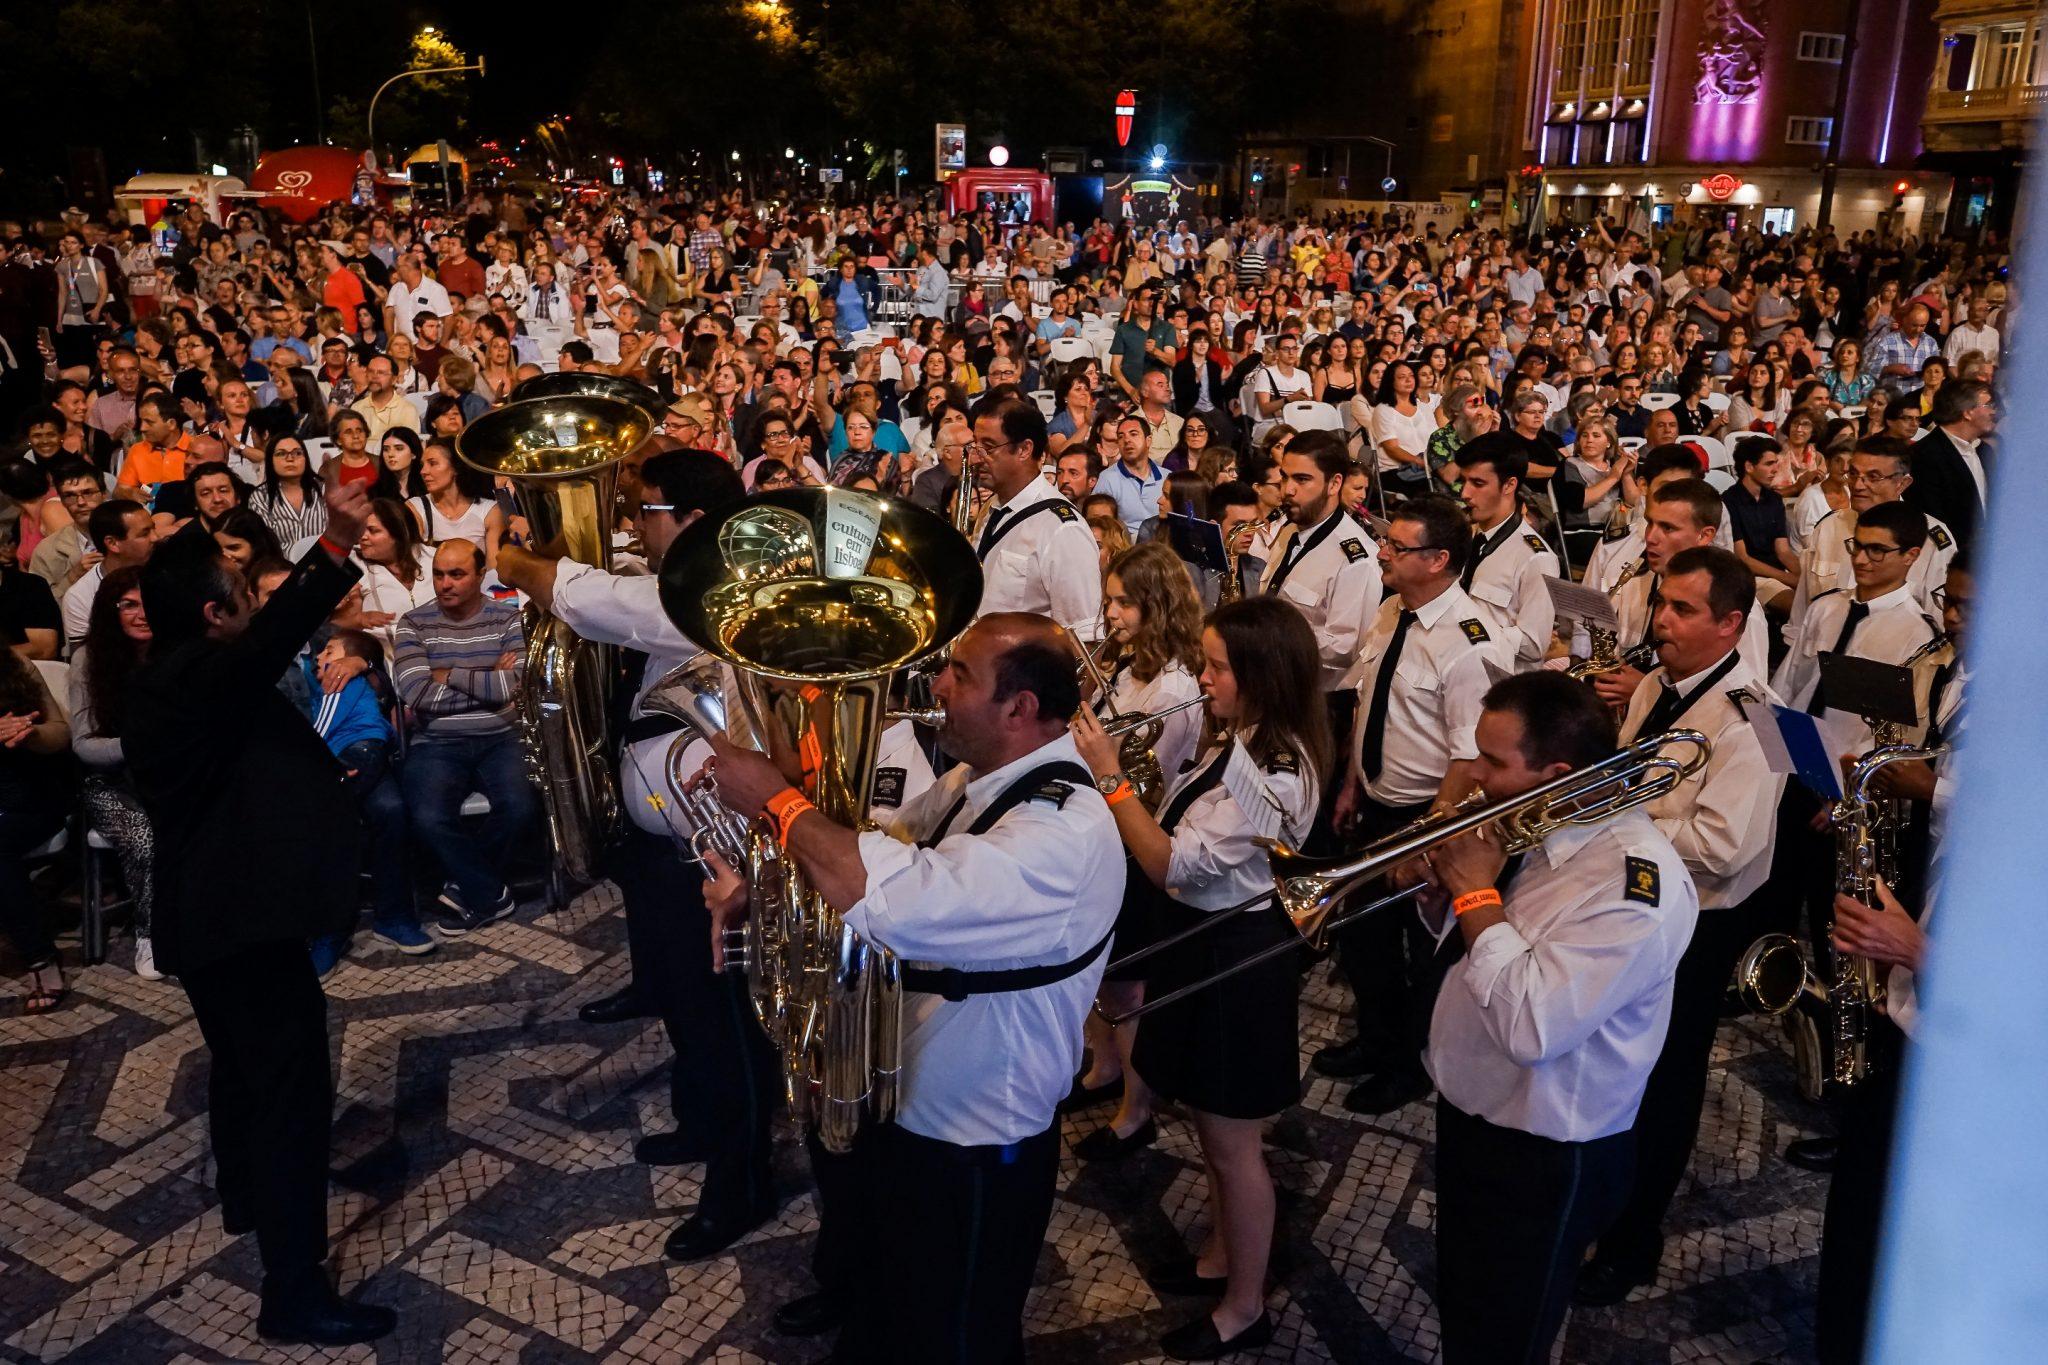 Em primeiro plano, e de lado para o observador, vários elementos de uma banda filarmónica, com camisas brancas, tocam instrumentos de sopro. Em segundo plano, centenas de pessoas sentadas assistem à atuação